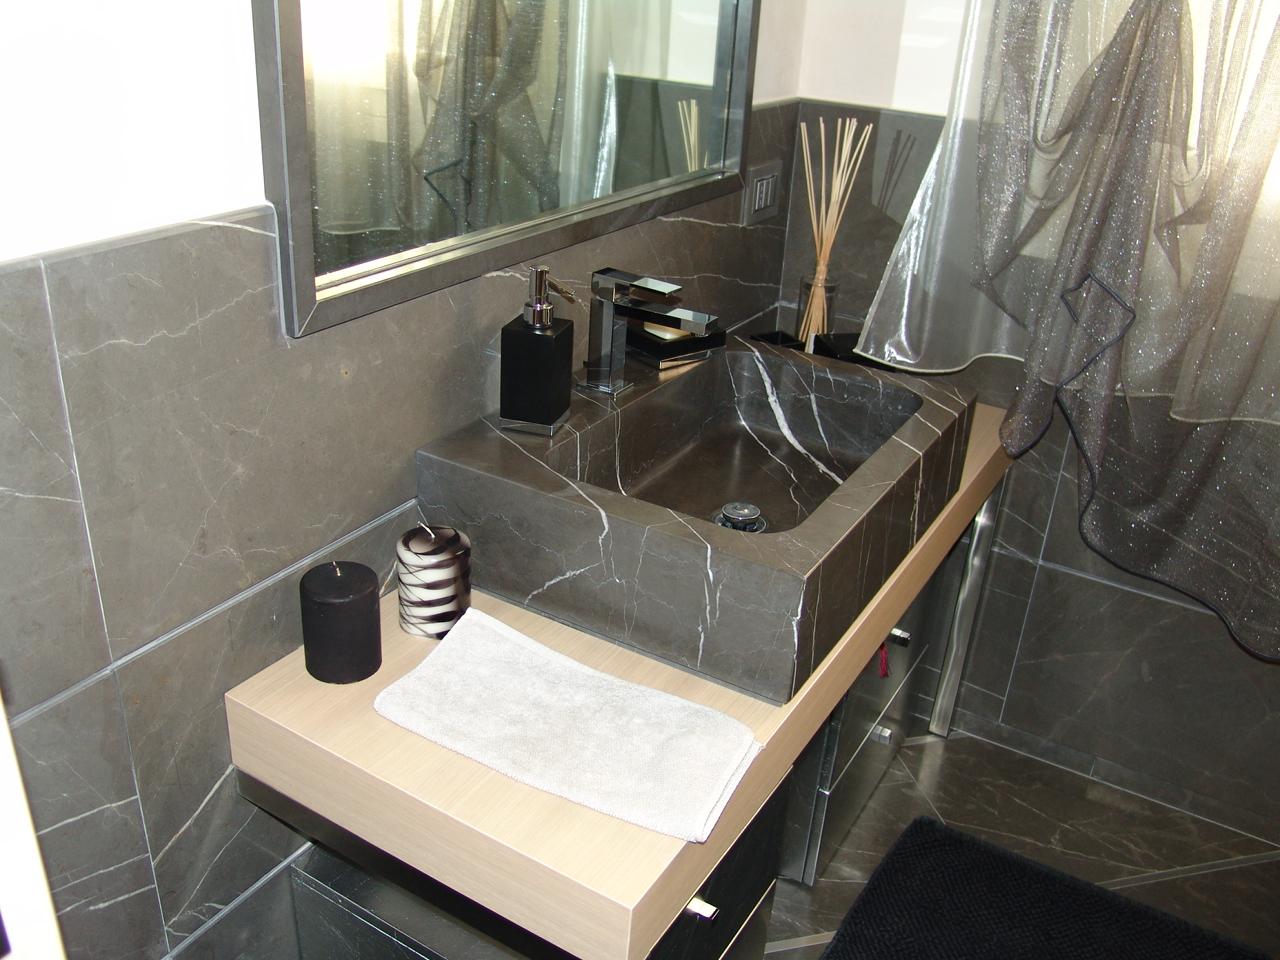 foto di bellissimi bagni in marmo e pietra venduti dalla zem ... - Bagni Moderni Bellissimi